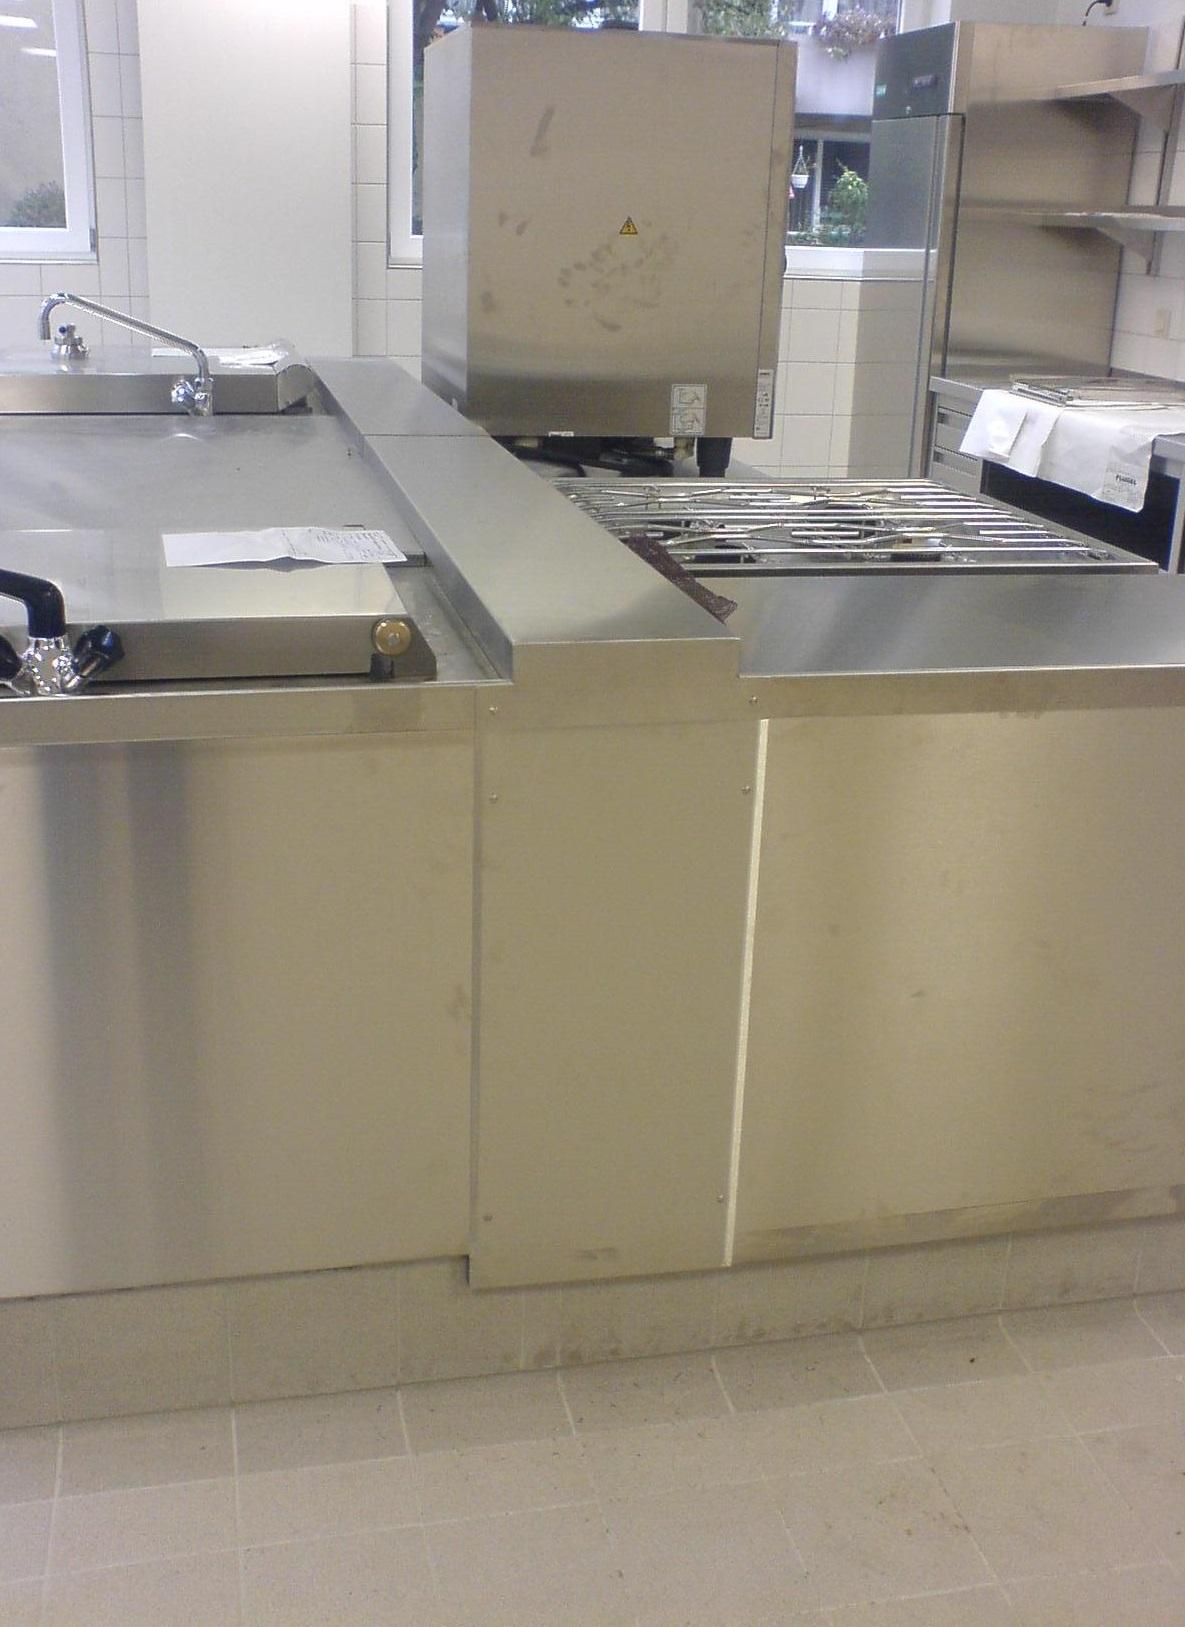 Edelstahl-Verblendung in Küchenarbeitszeile